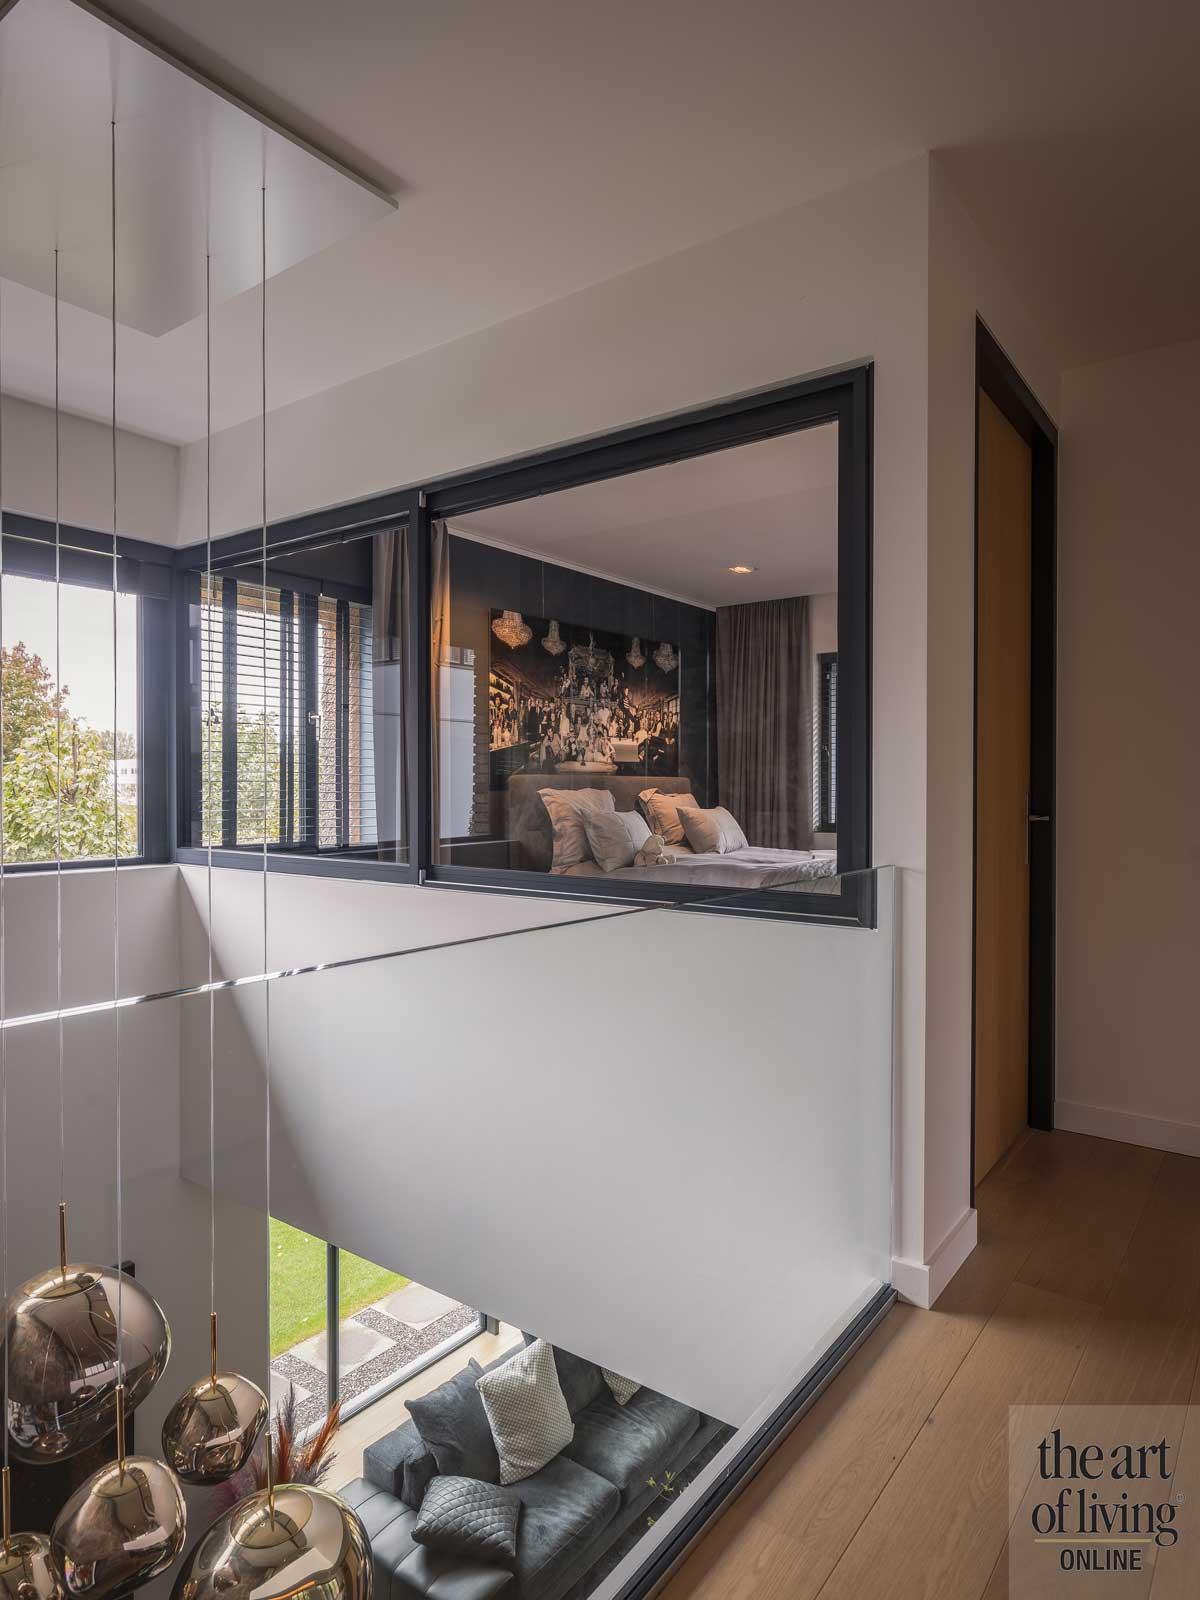 Tijdloos design | Daniels openhaarden, the art of living